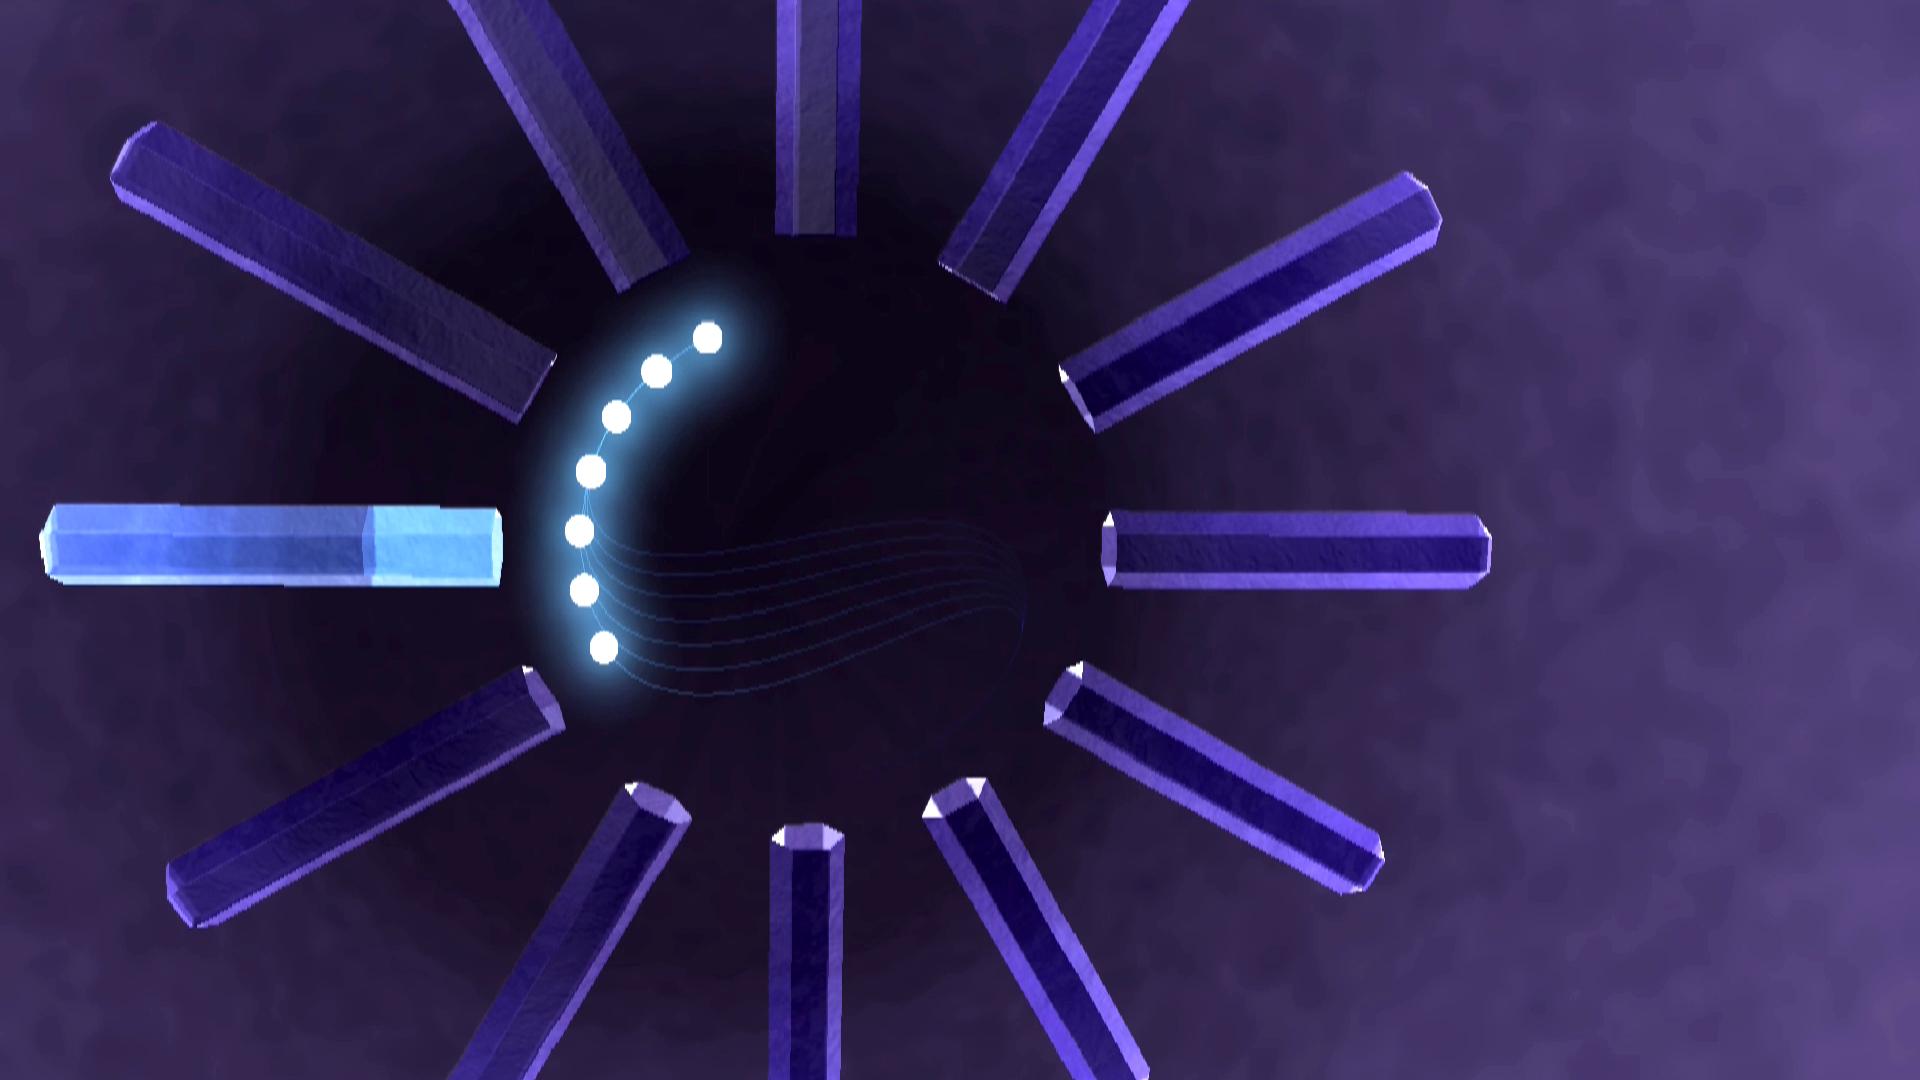 PS2 Background   Platform Backgrounds   LaunchBox Community Forums 1920x1080